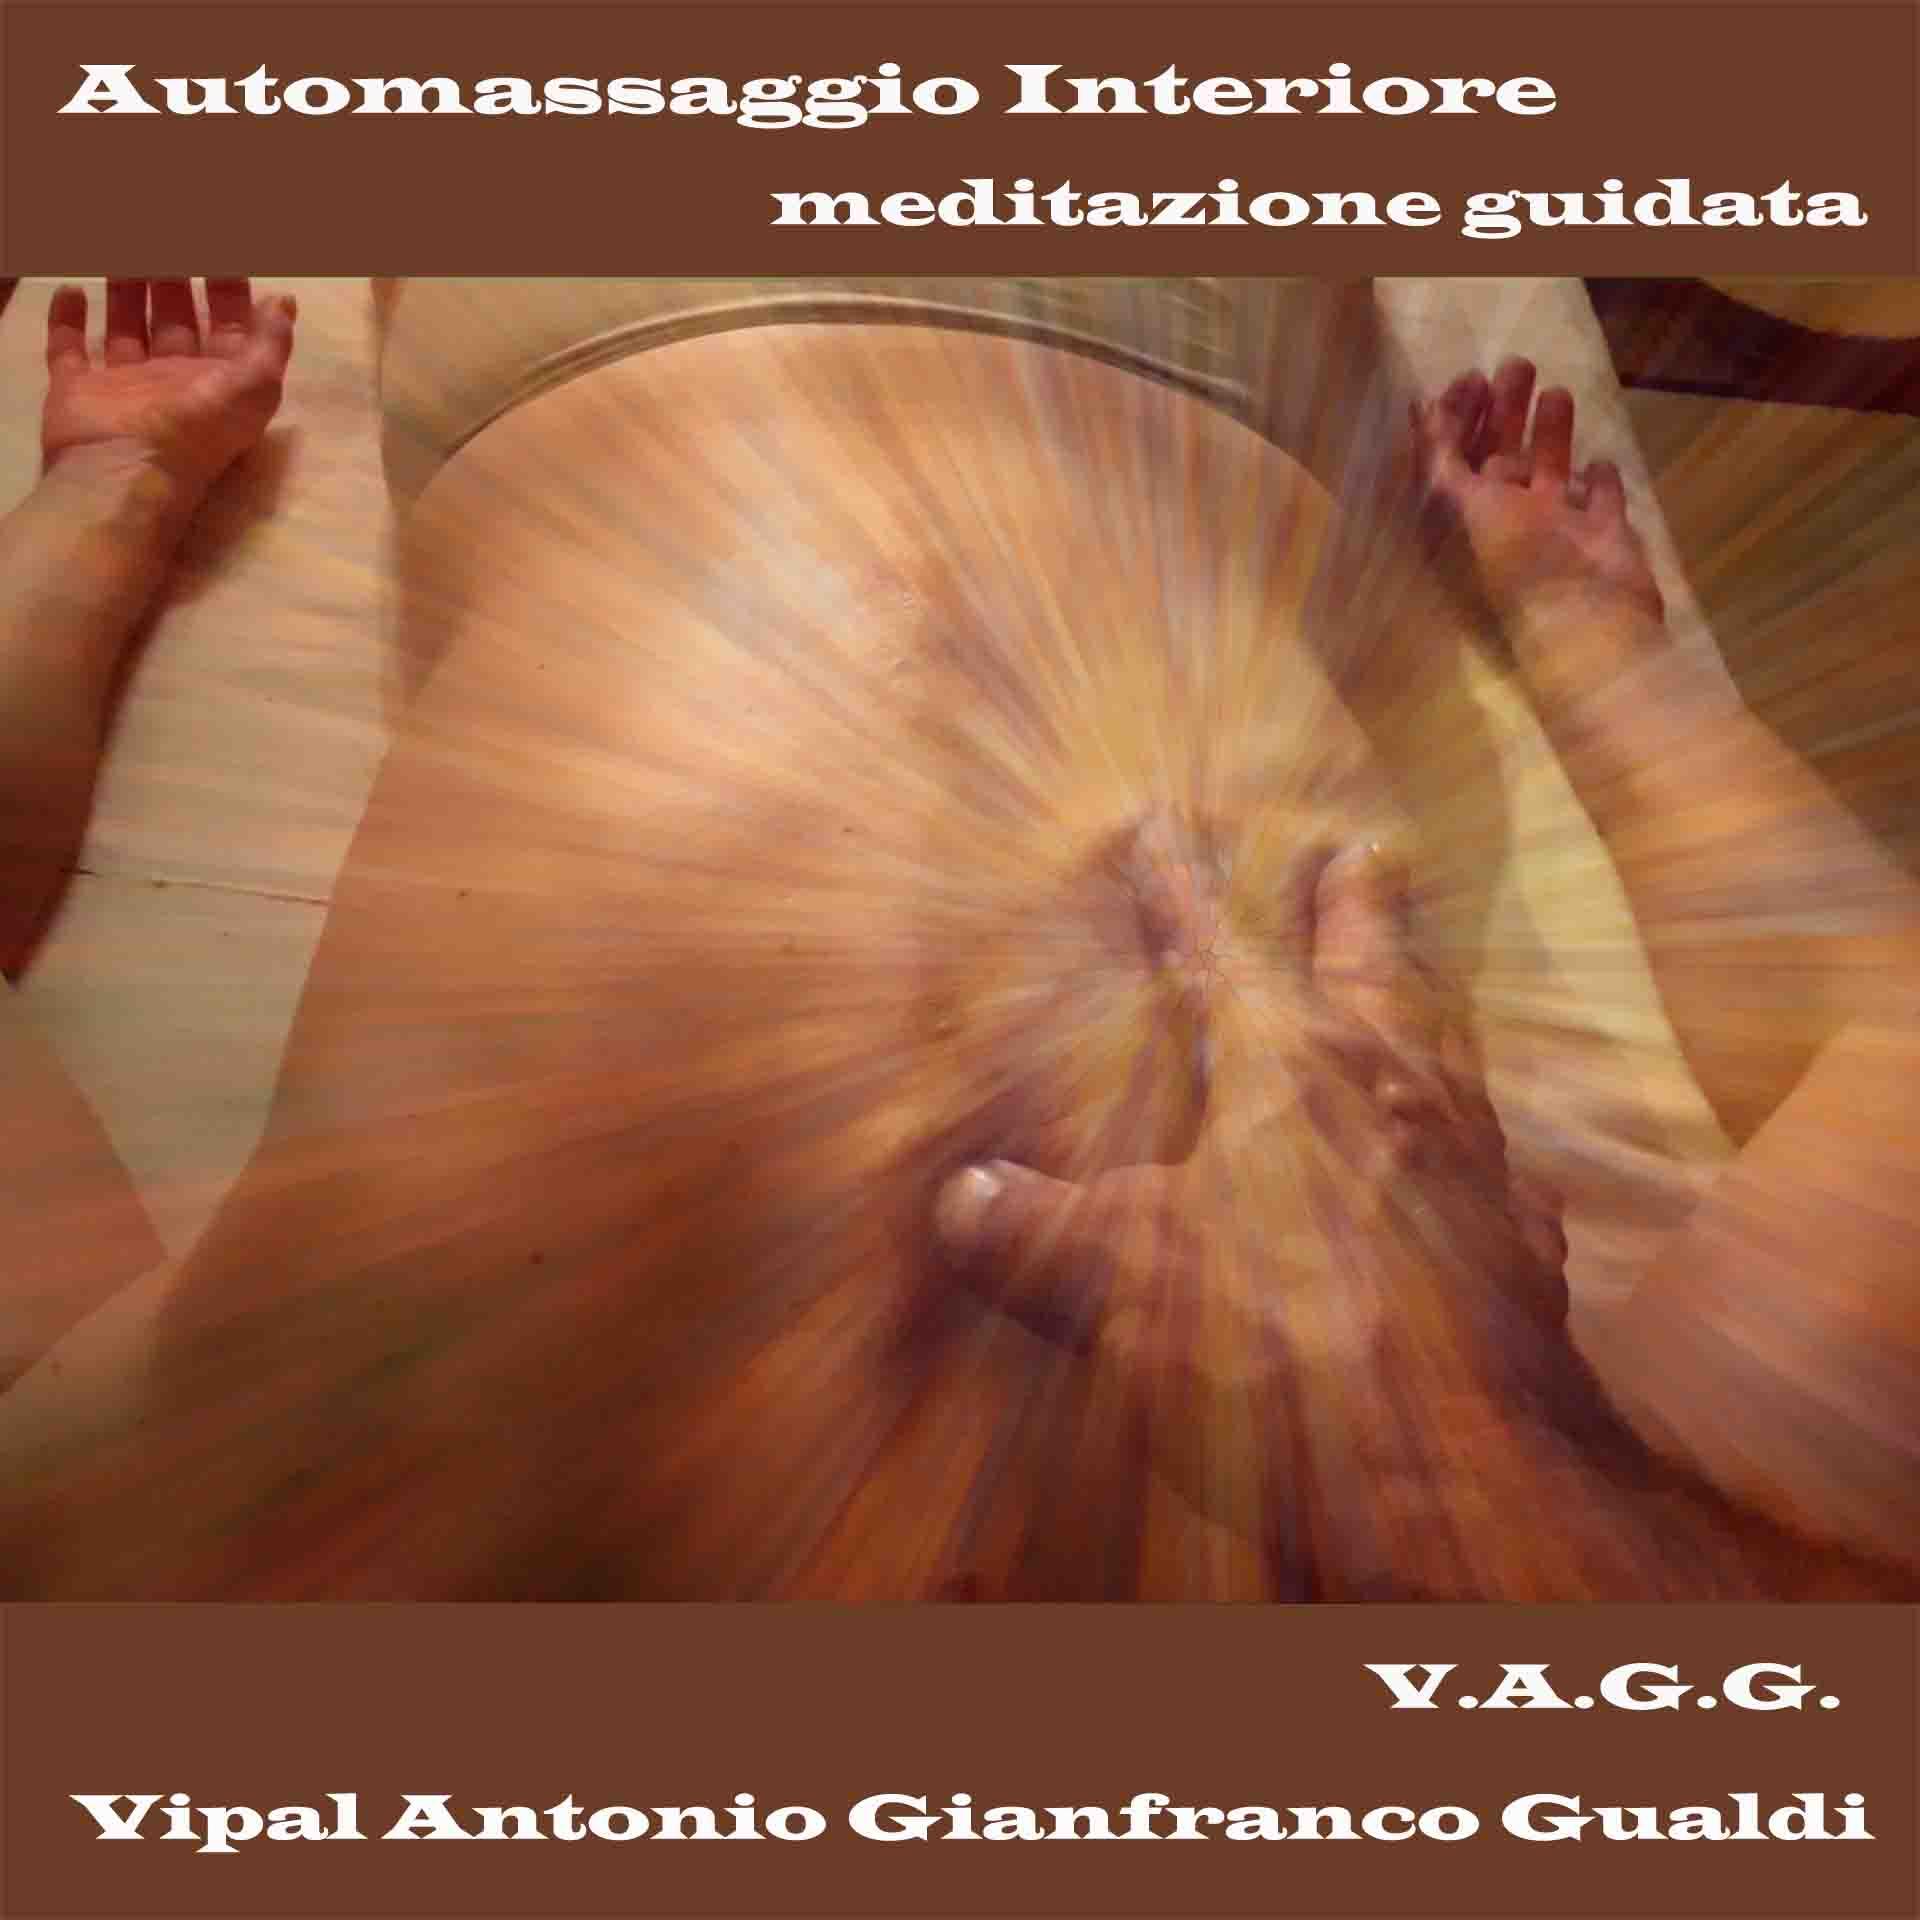 Automassaggio interiore meditazione guidata Vipal Antonio Gianfranco Gualdi